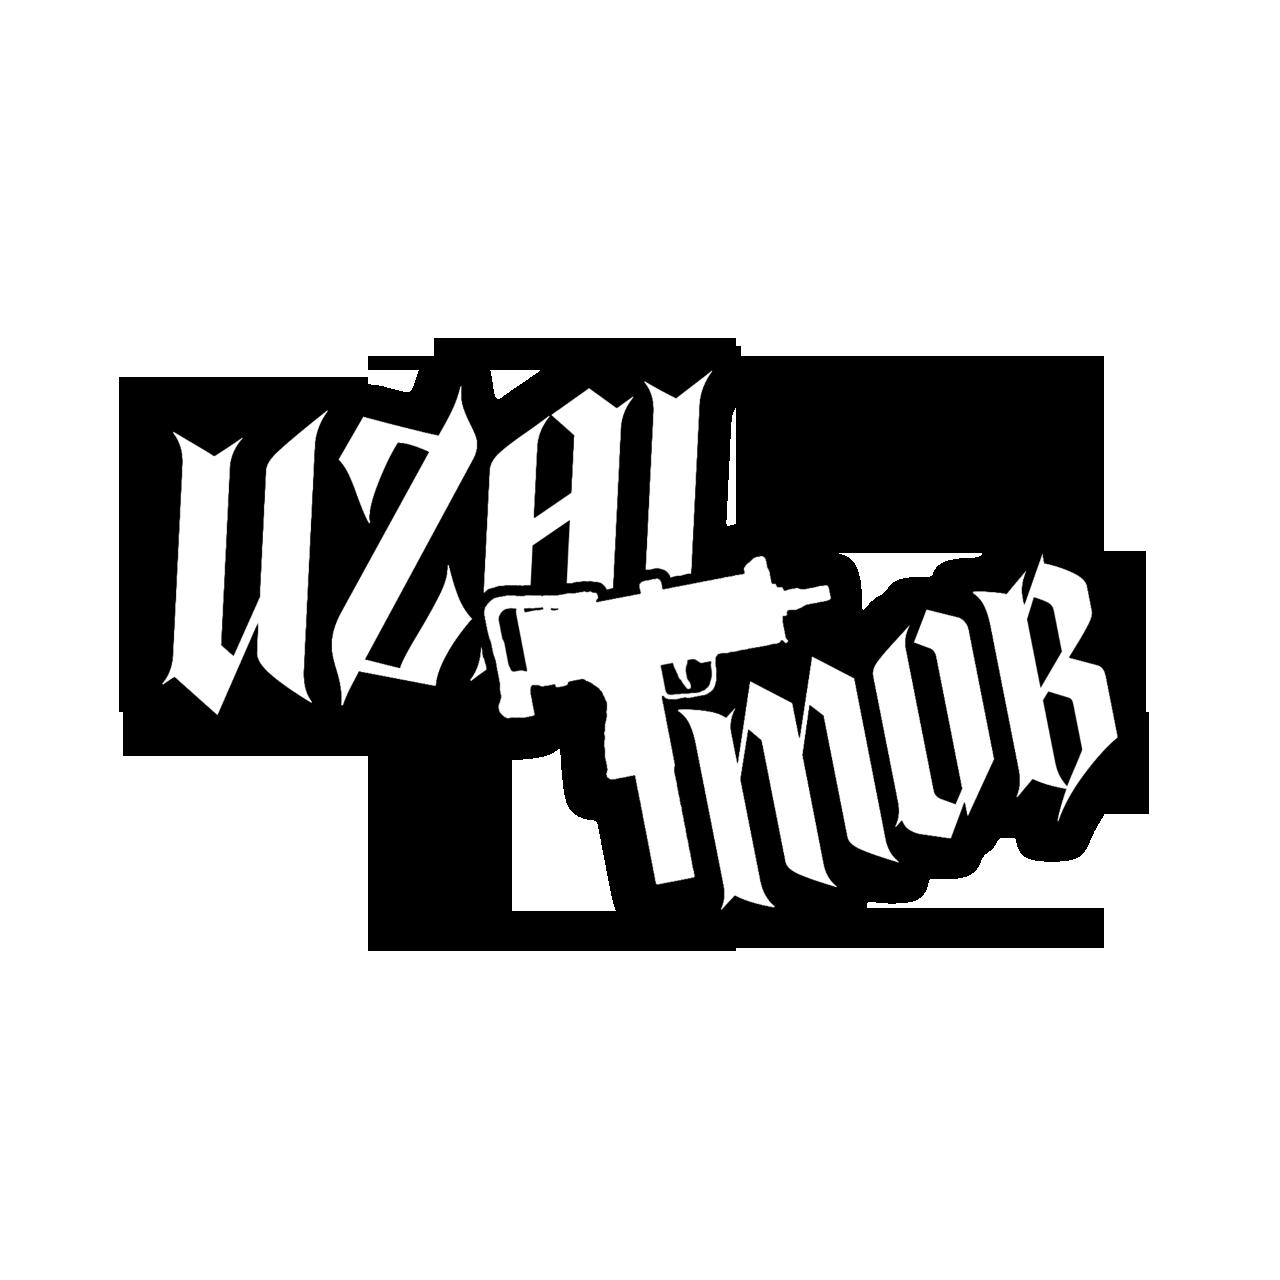 Uzaimob